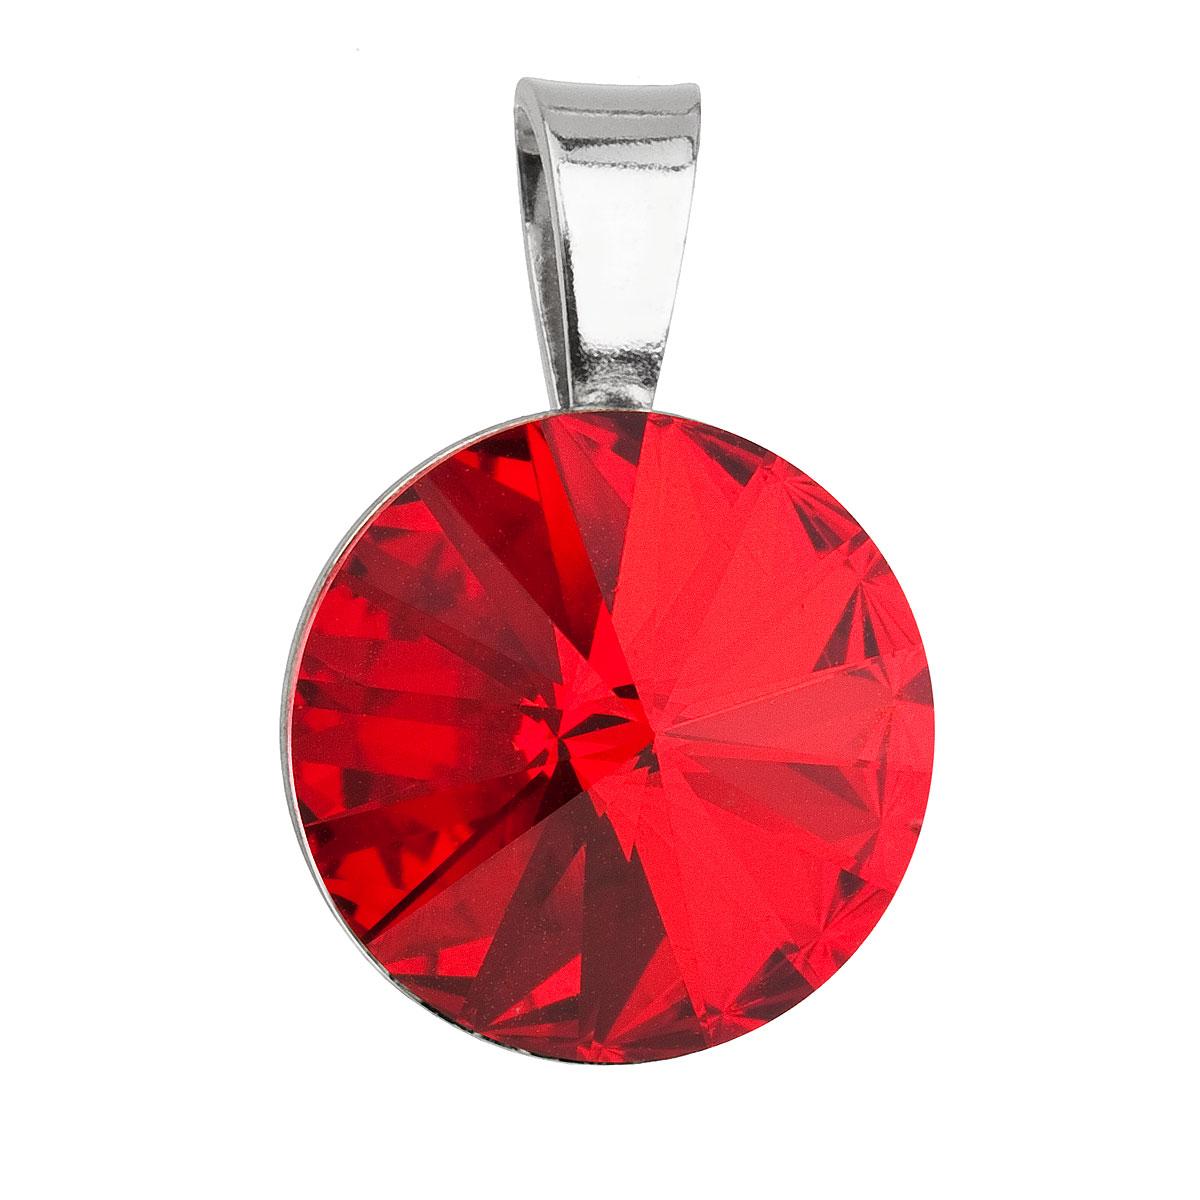 Strieborný prívesok s krištáľmi Swarovski červený okrúhly-rivoli 34112.3